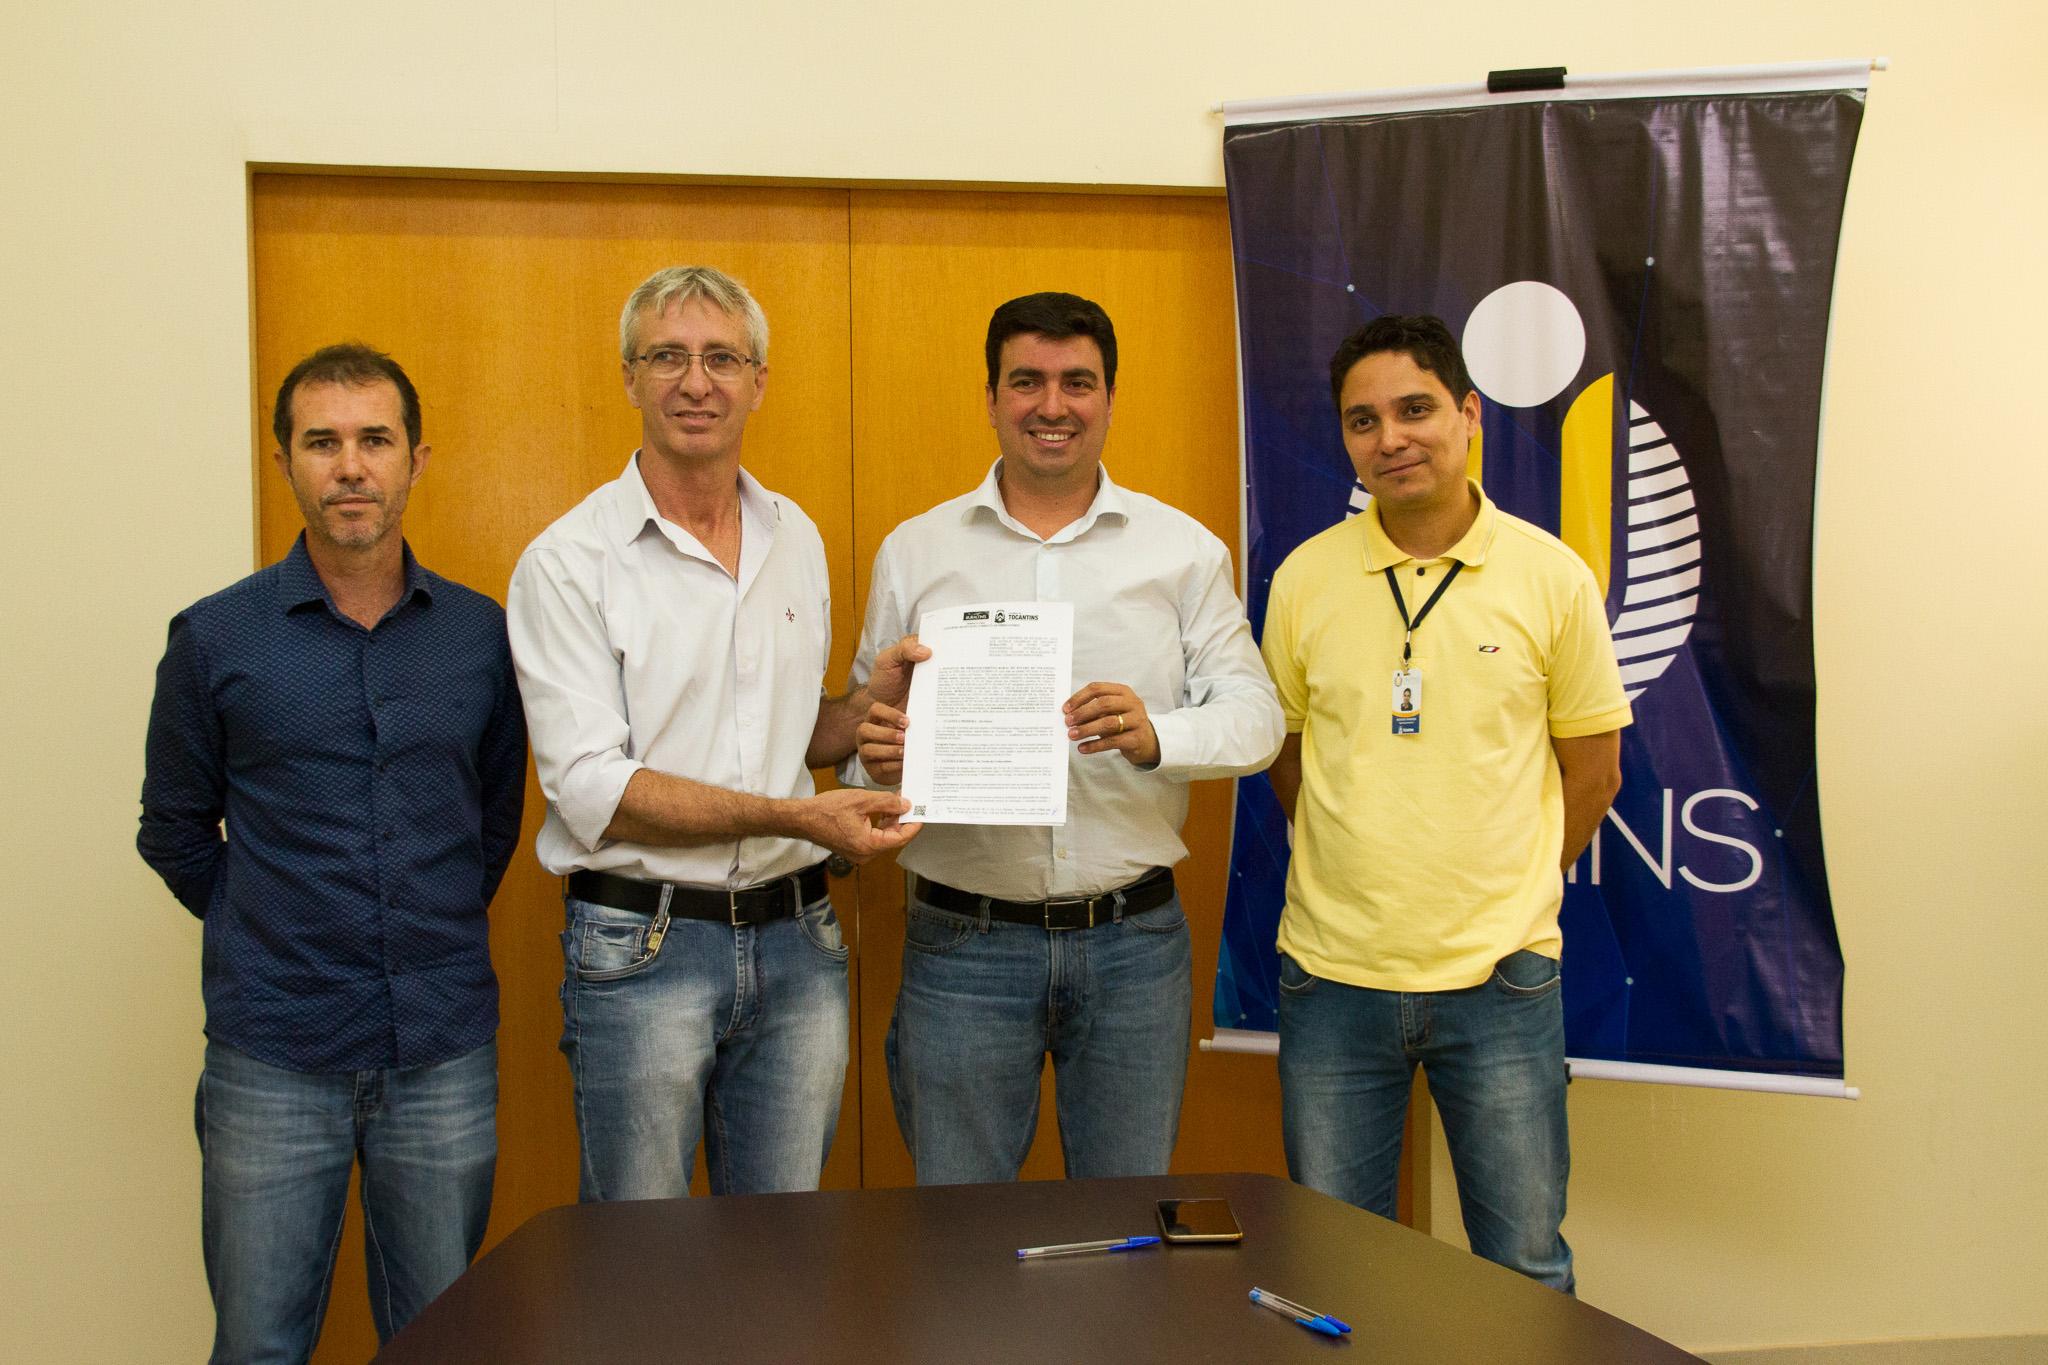 Reitor da Unitins Augusto Rezende com o presidente do Ruraltins Pelizari Júnior, ladeados pelos professores Fred Newton e Rodrigo Barbosa